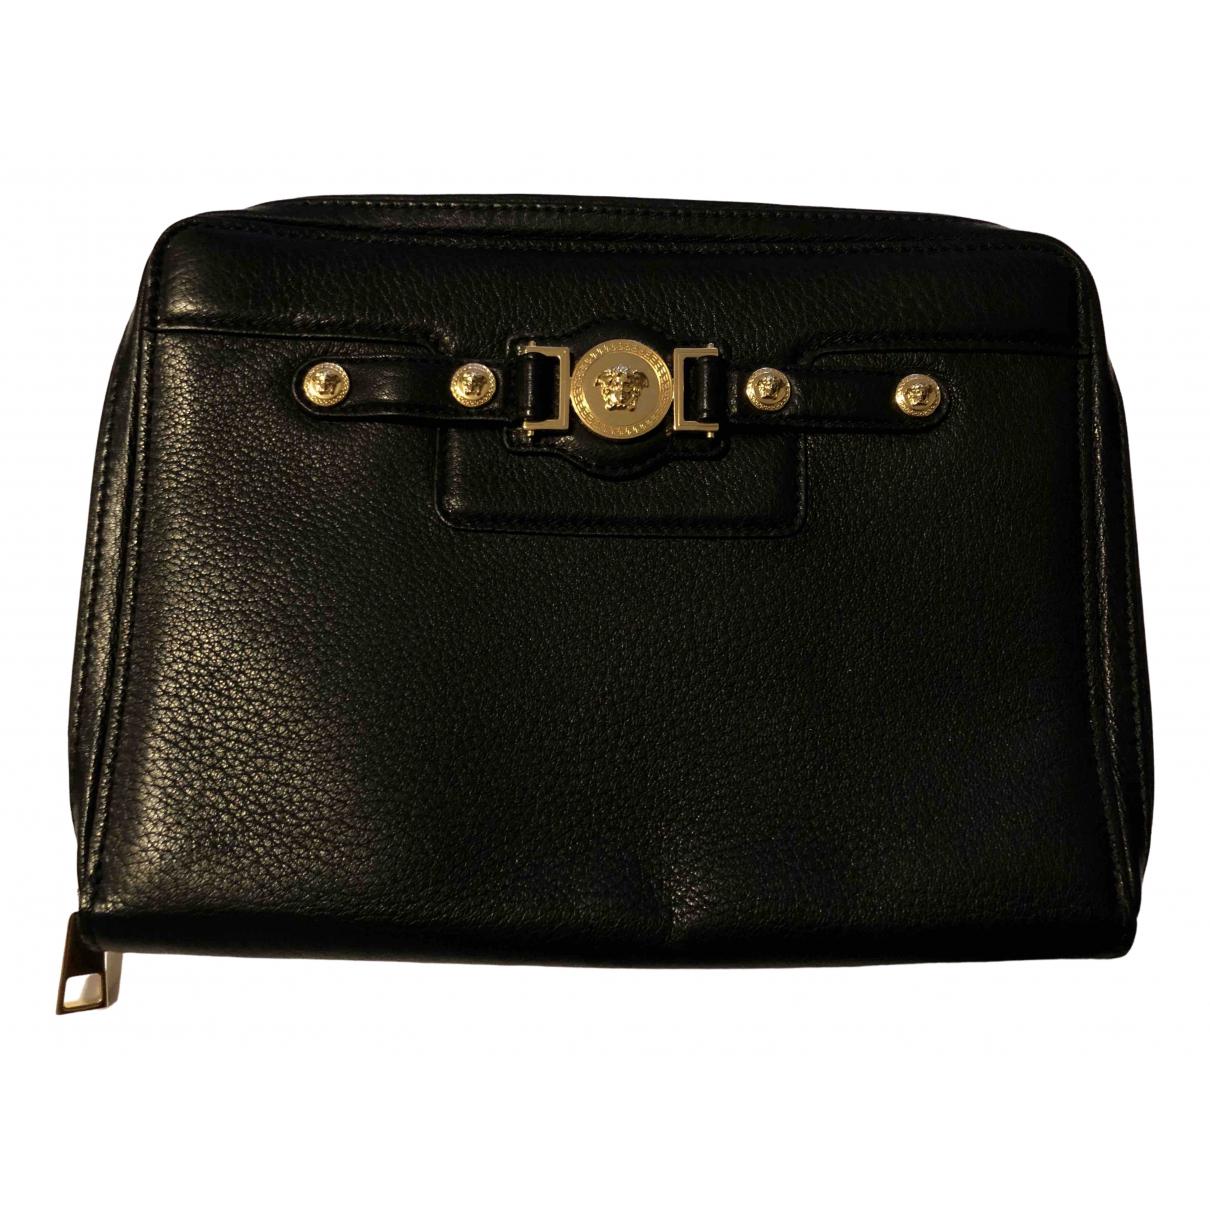 Versace - Accessoires   pour lifestyle en cuir - noir